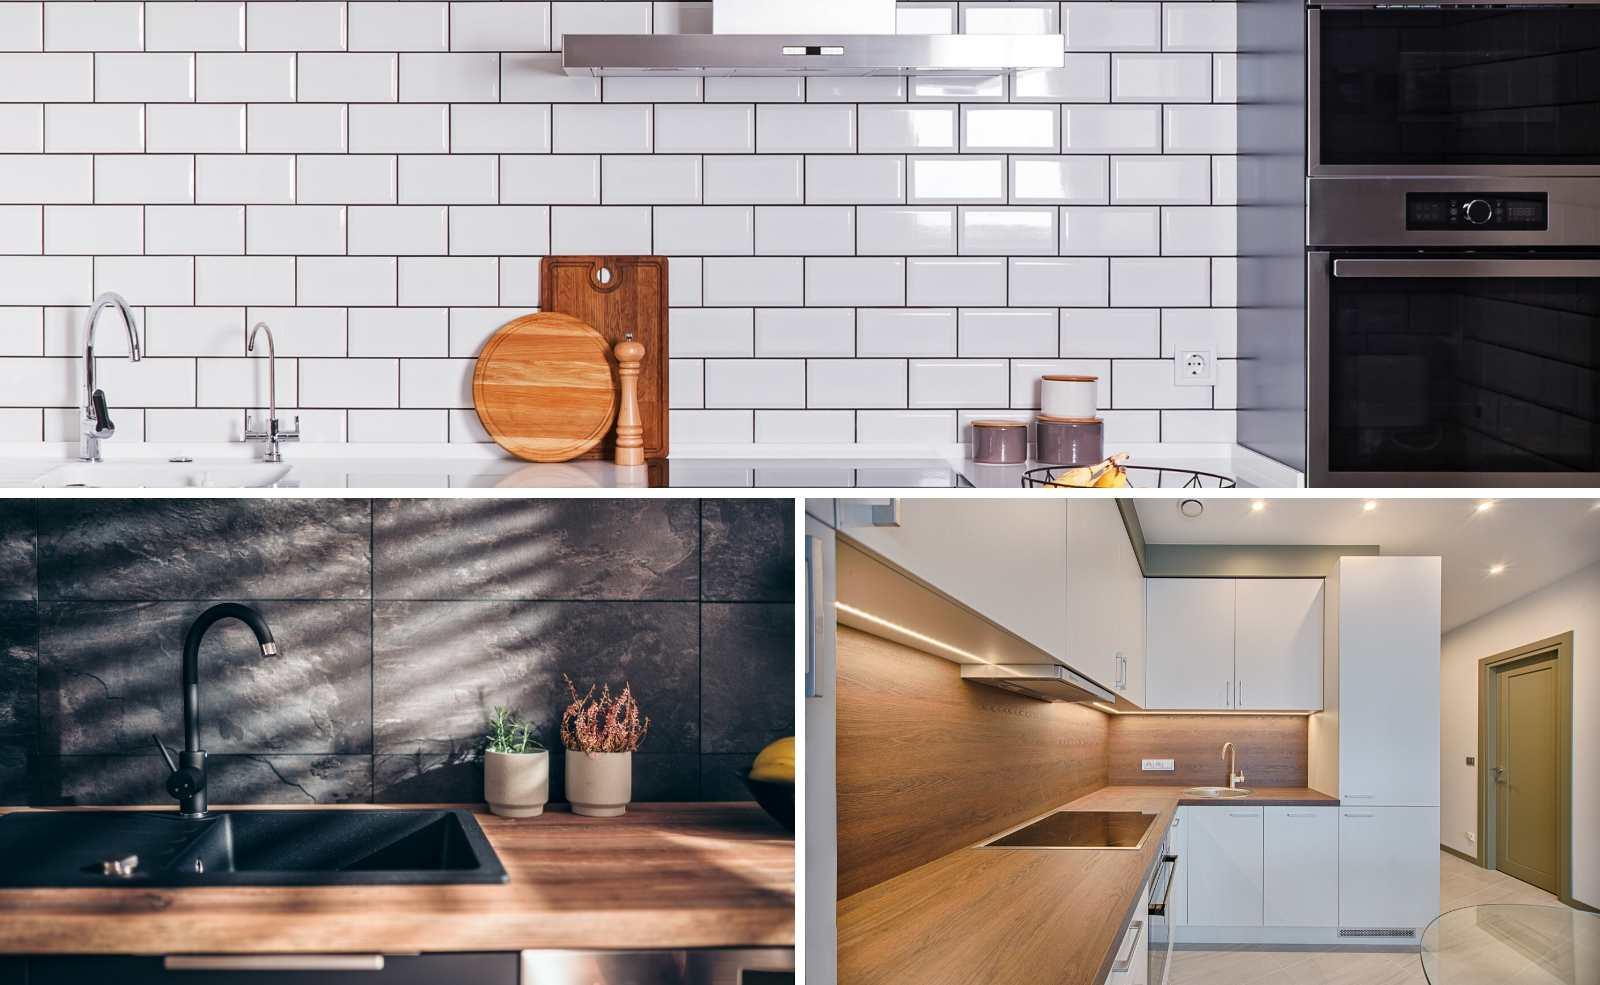 Küchenrückwand: Welches Material eignet sich für die Nische?